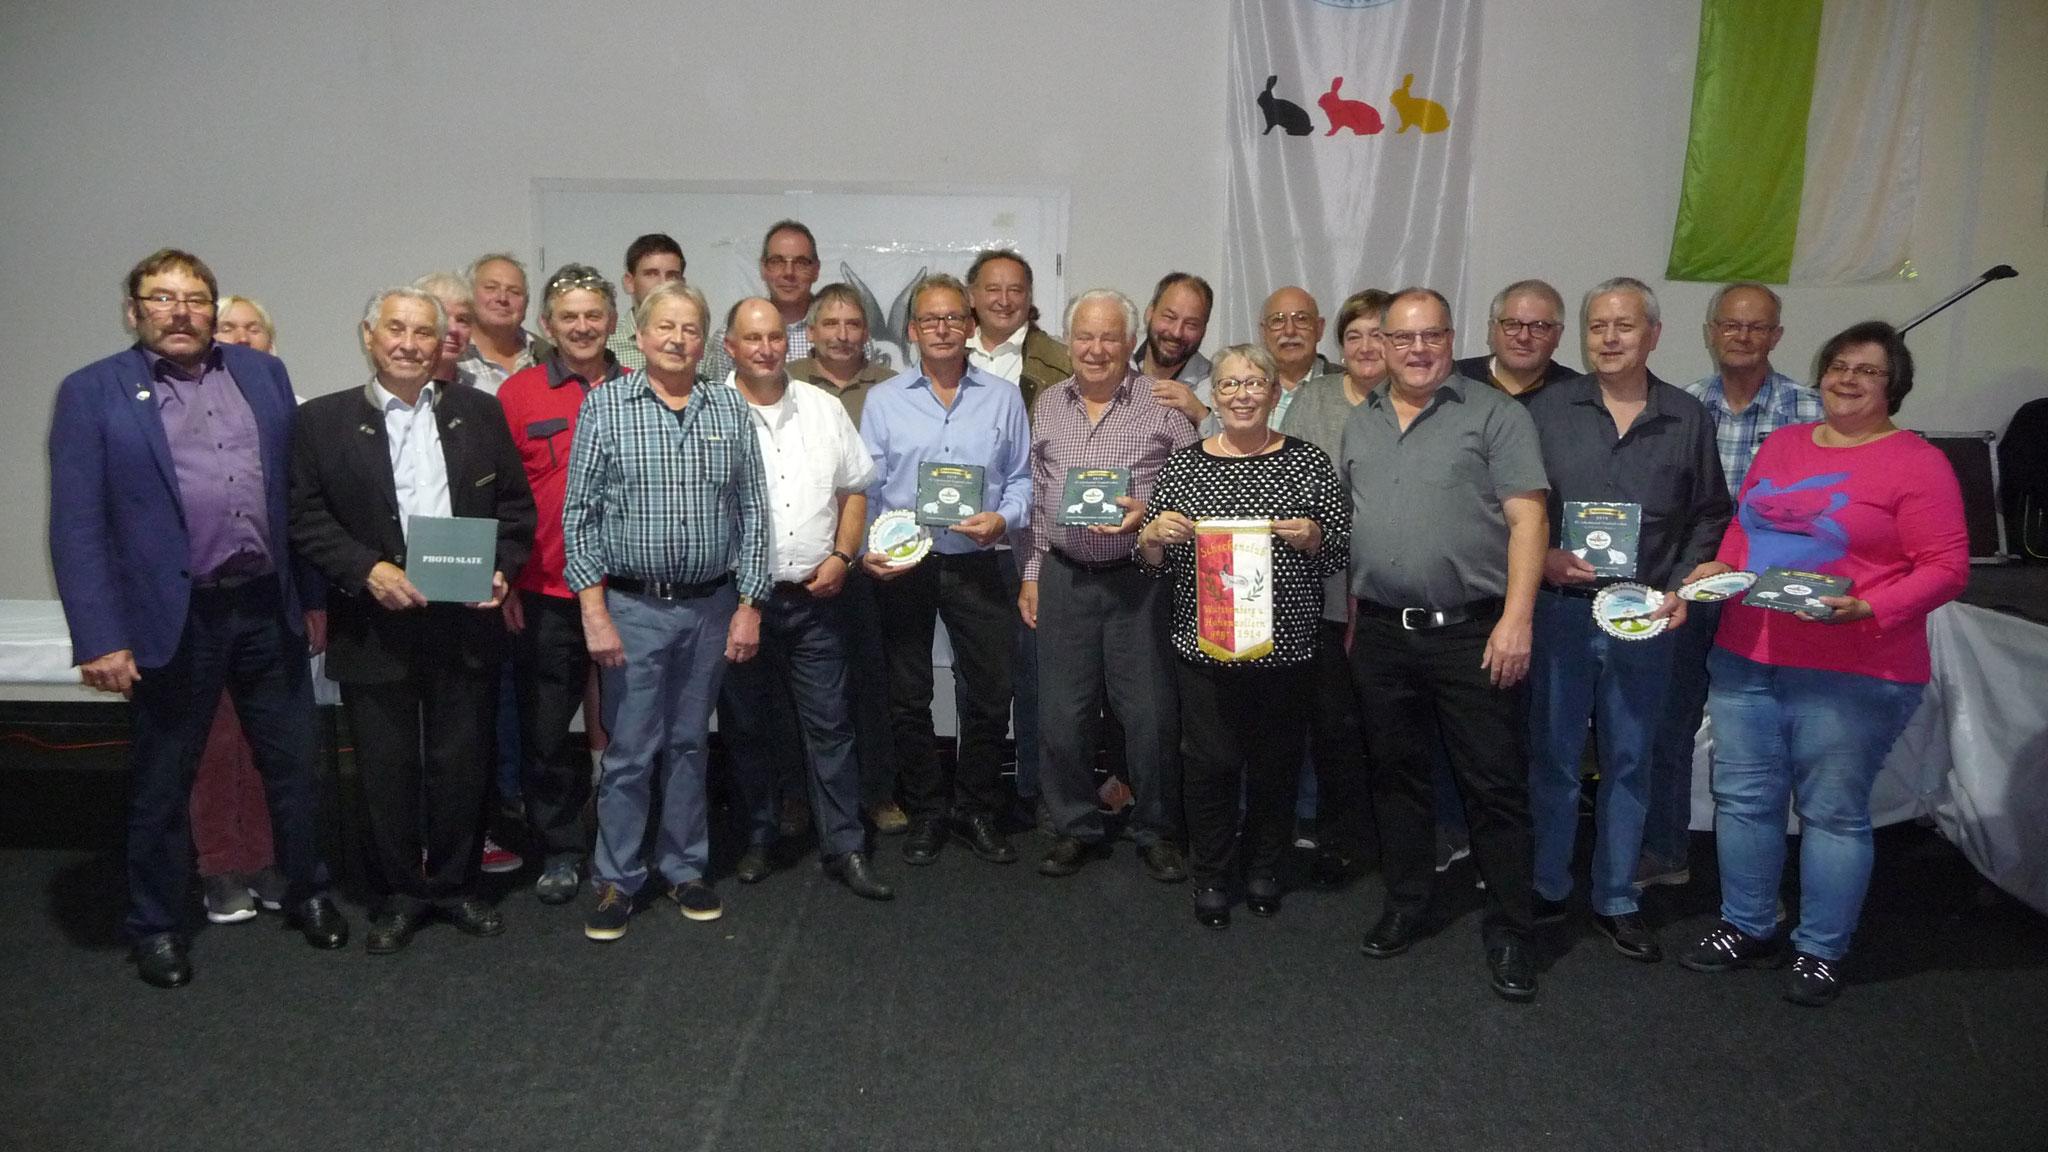 Überregionale Scheckenclub-Vergleichsschau in Rheinberg